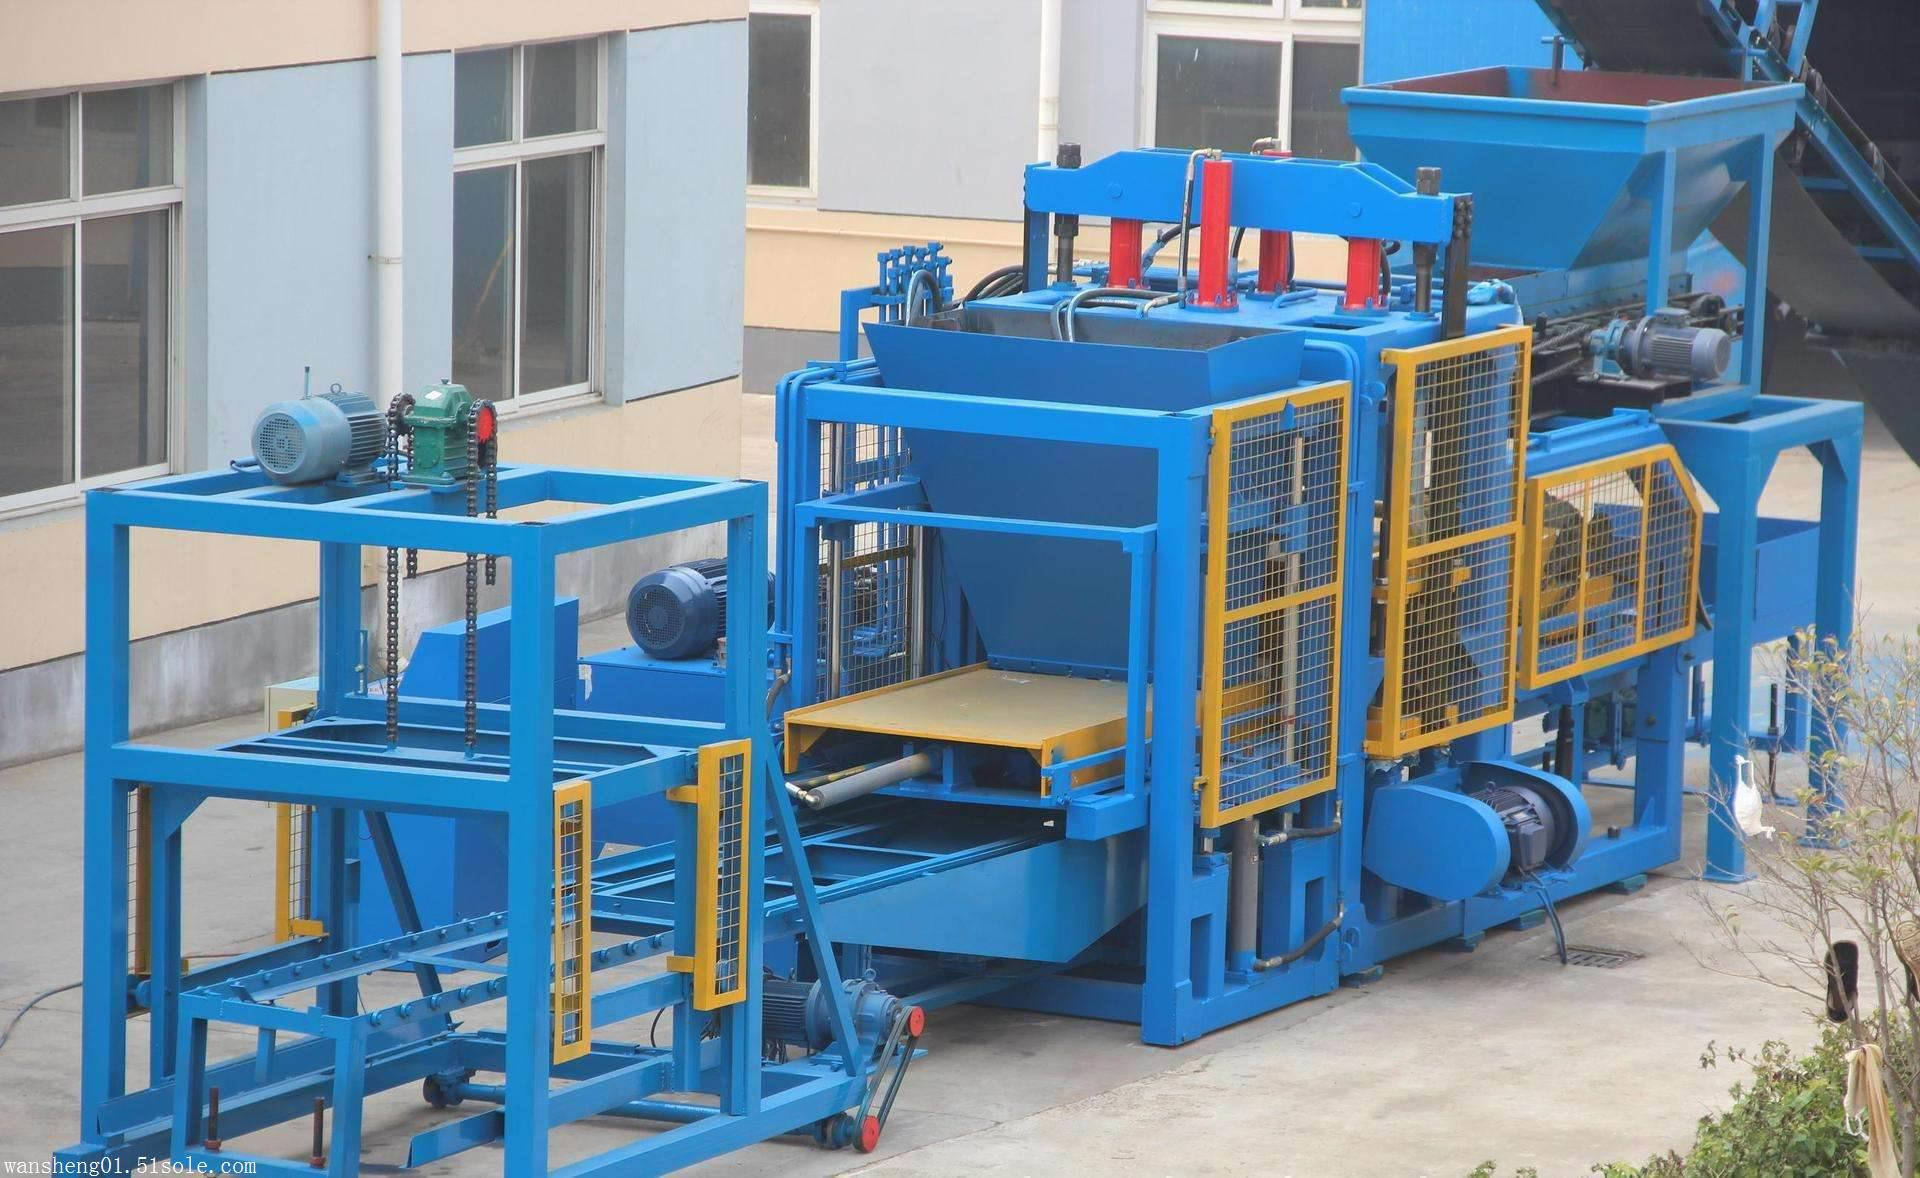 泉州砖机厂家供应各种型号的全自动液压砖机